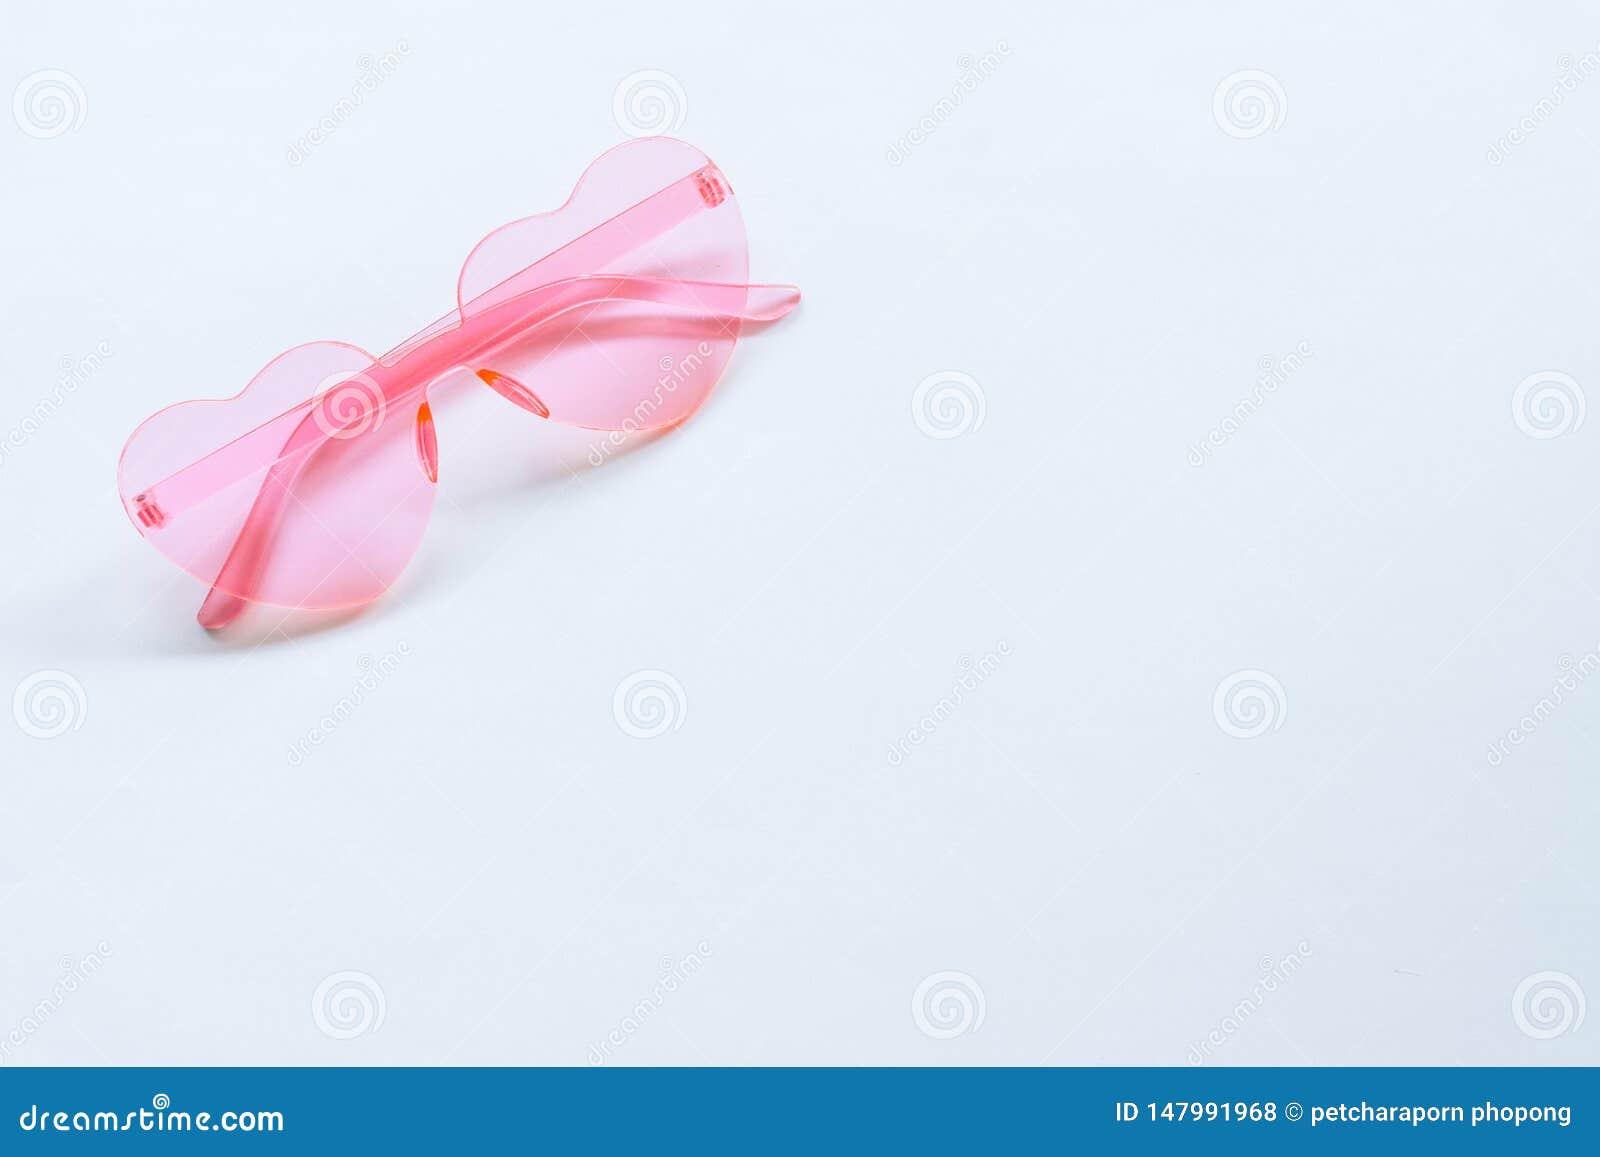 Occhiali da sole rosa su fondo bianco